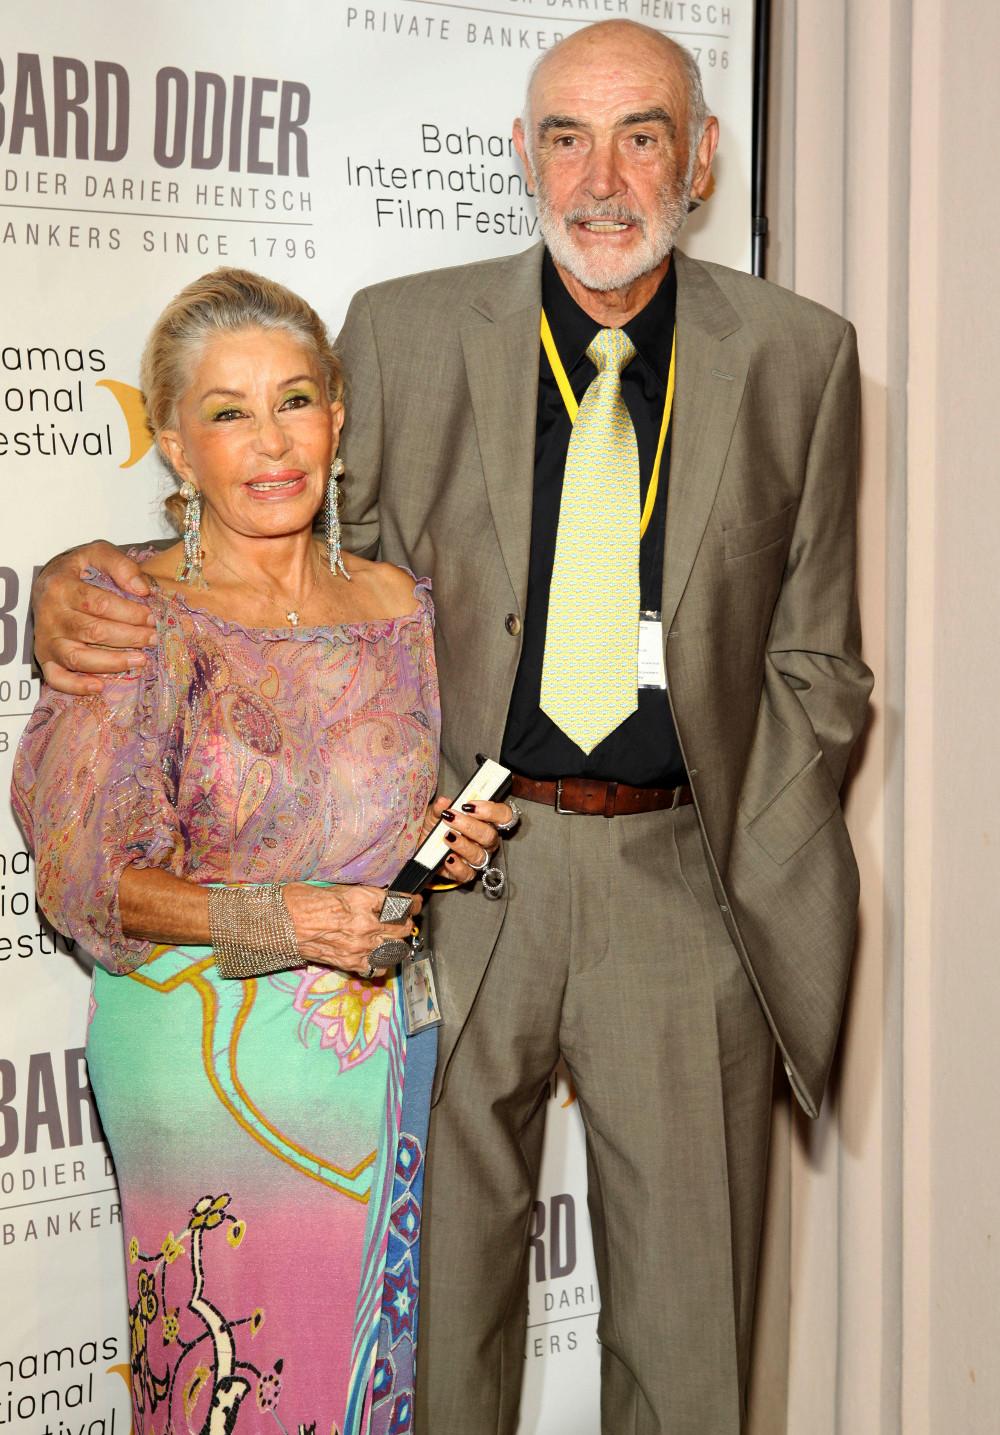 Ο Σον Κόνερι με την σύζυγό του ζουν μόνιμα στις Μπαχάμες από την δεκαετία του 1990